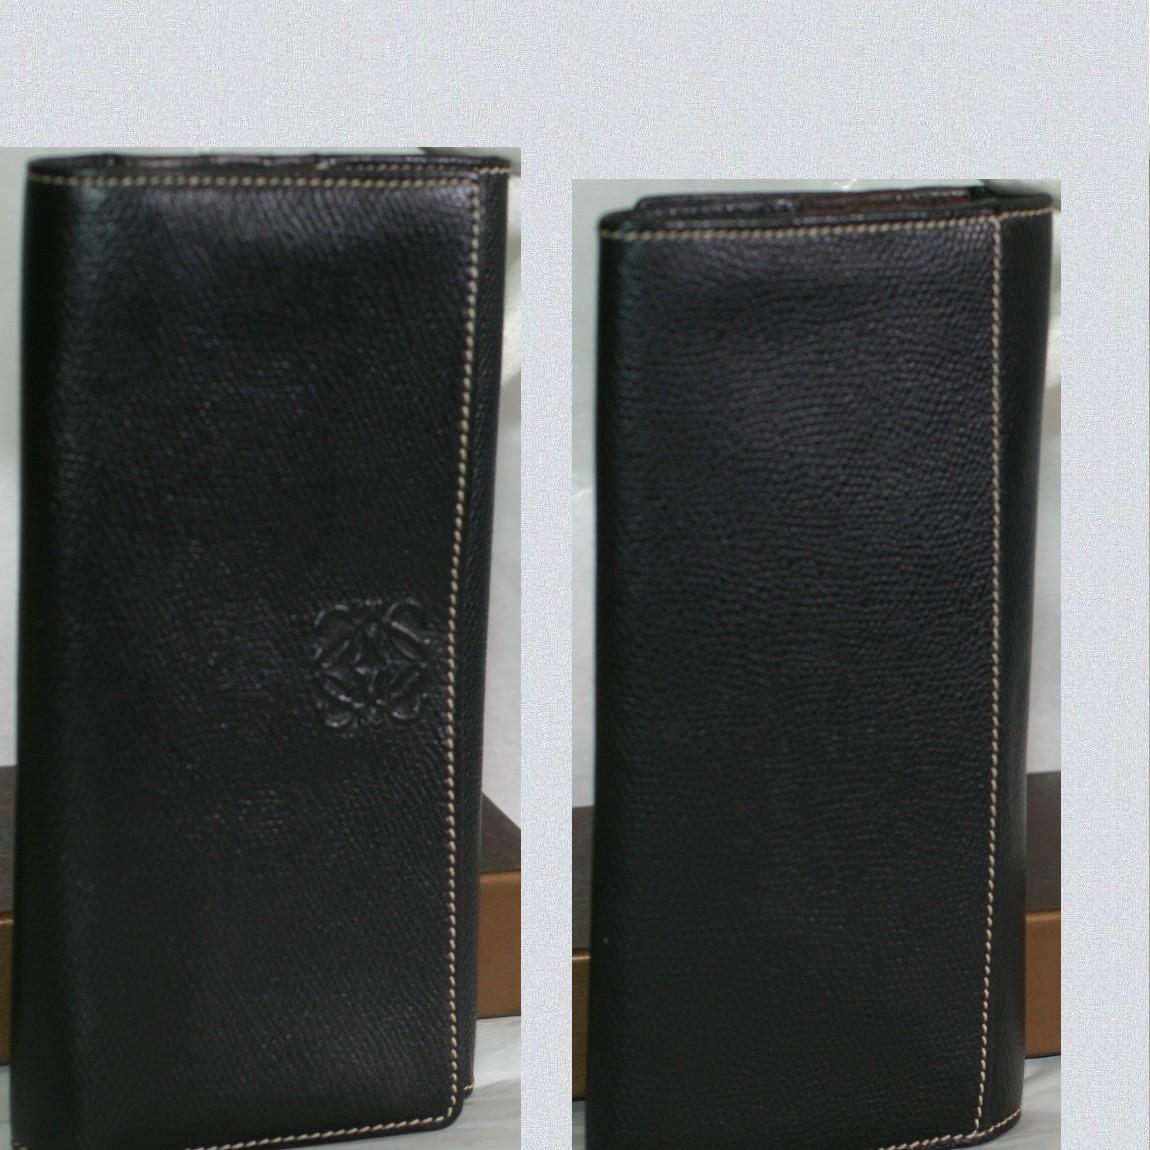 【中古】本物可ロエベ女性用ファスナー付き長財布尾もてゃ黒い革素材に白いステッチ柔らかい革純正の箱付き